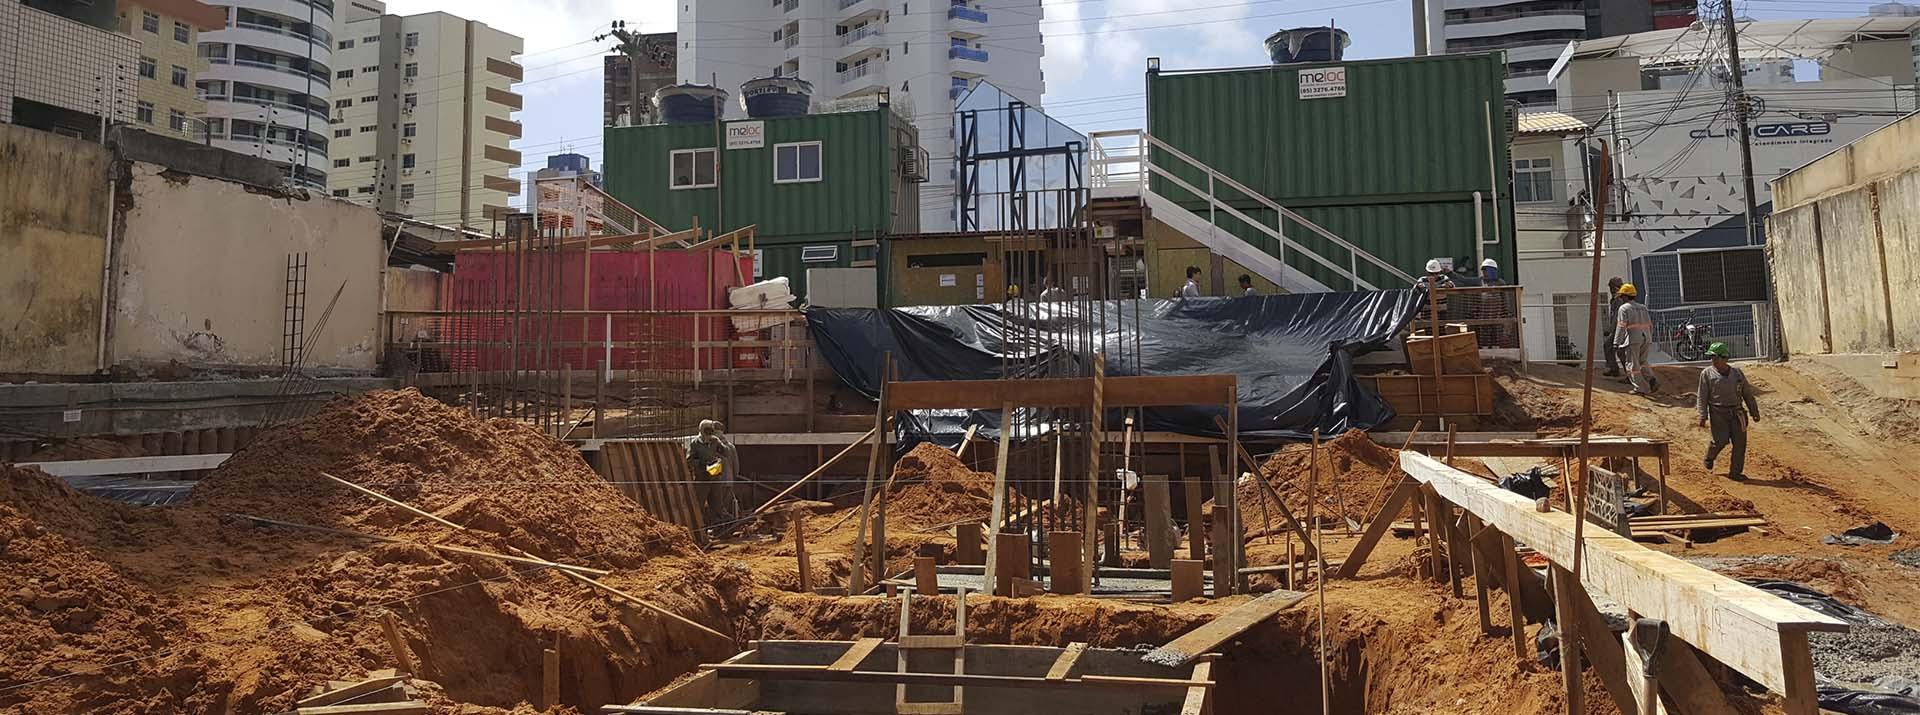 Junho - foto 3 Vista interna Canteiro